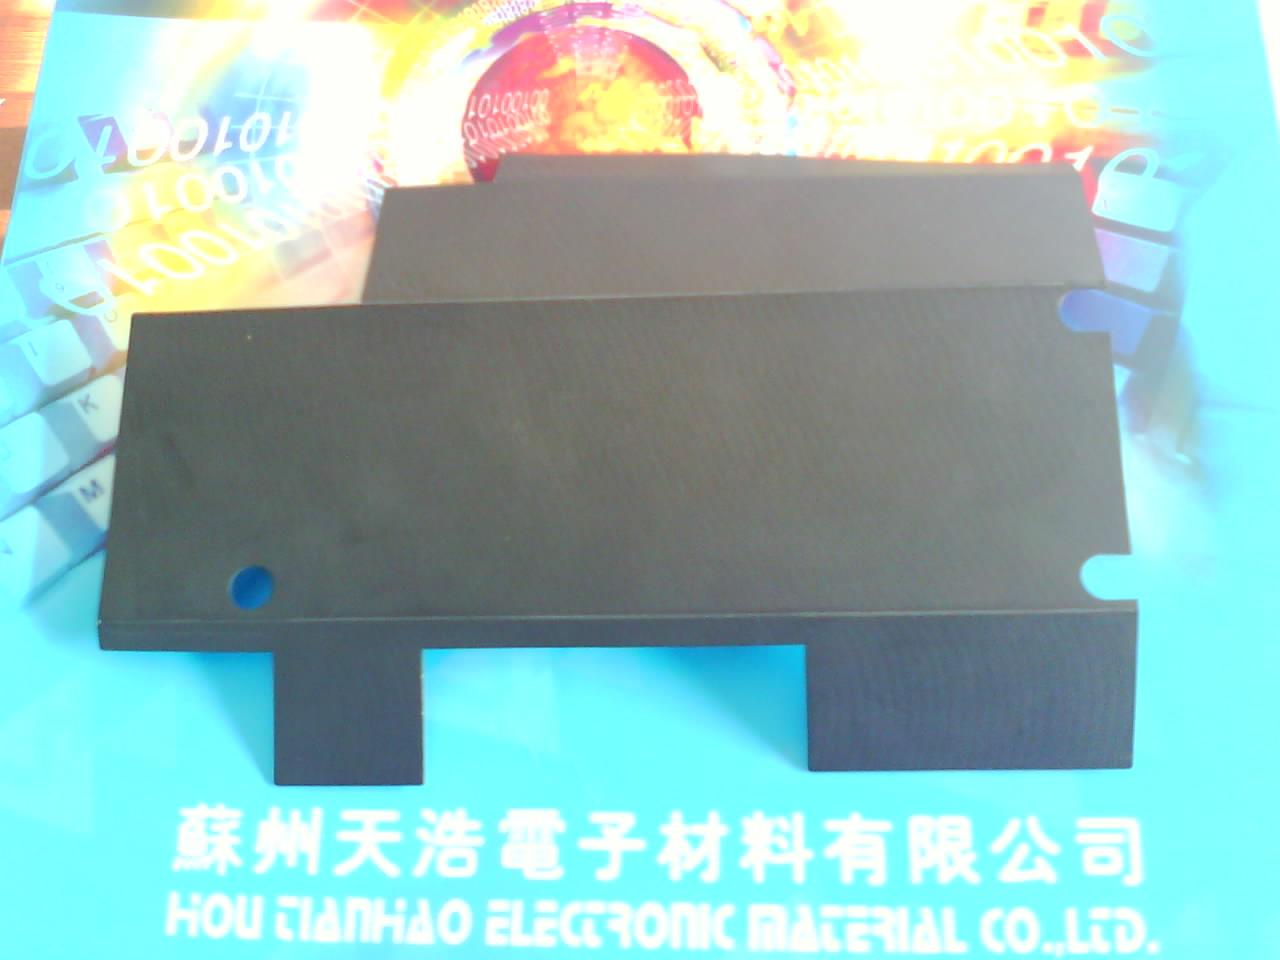 FORMEX G-17绝缘片 电器电机电箱绝缘隔热片 高温绝缘片 苏州吴雁电子绝缘材料